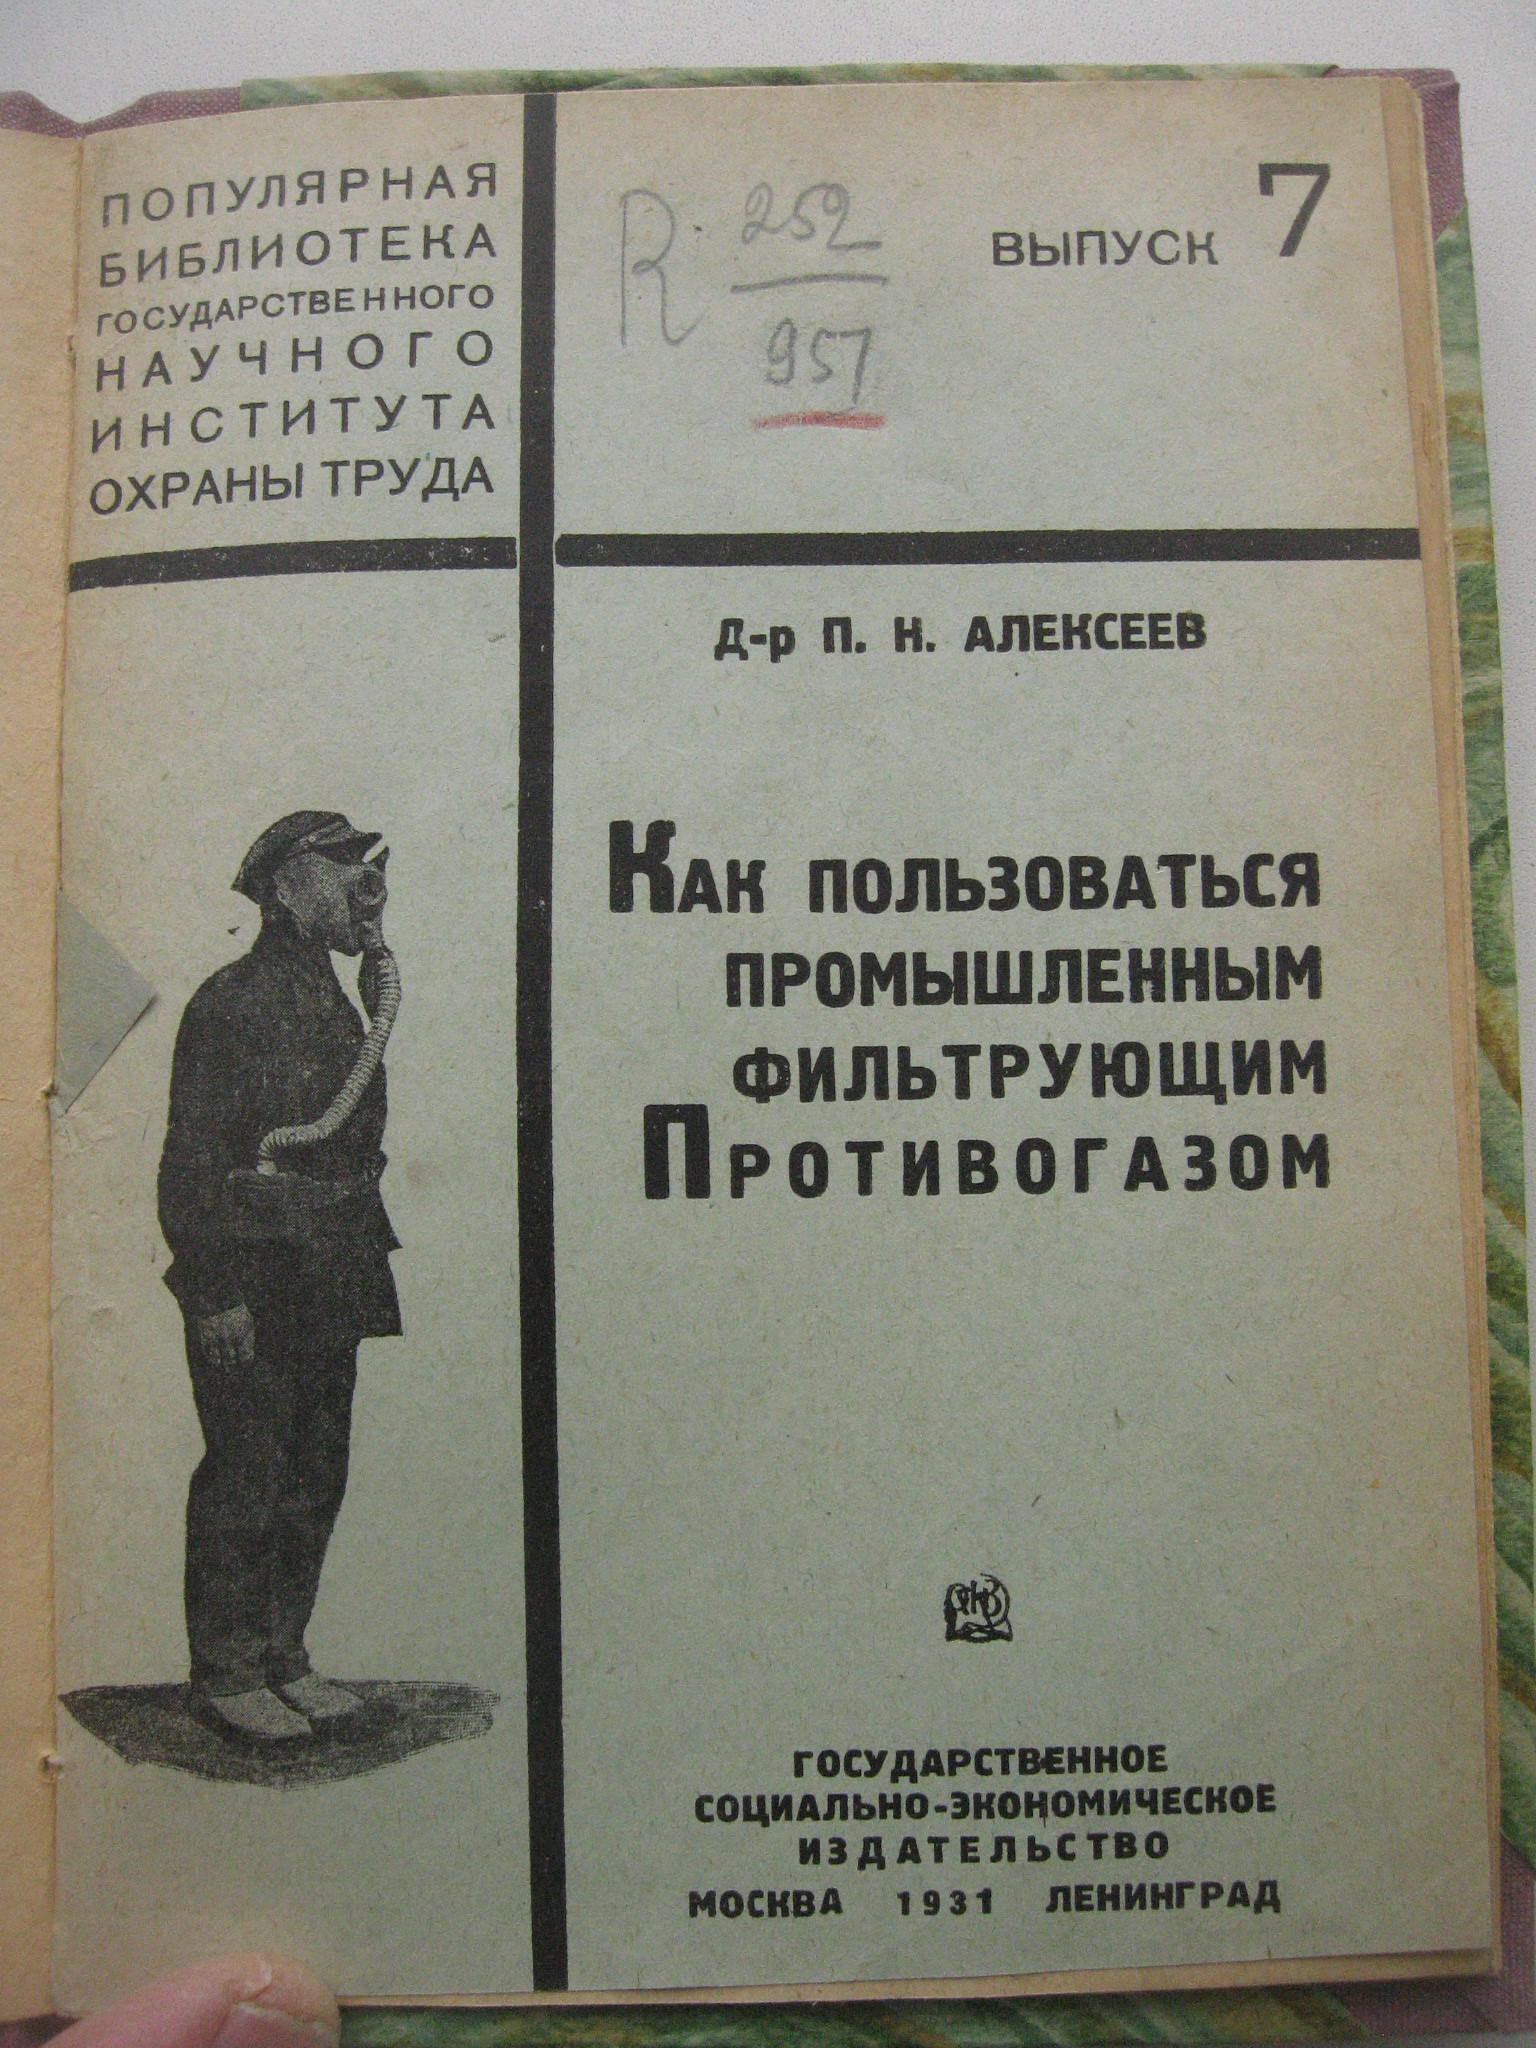 На фото: П.Н. Алексеев. Как пользоваться промышленным противогазом. 1931 г., автор: alexandr.chir